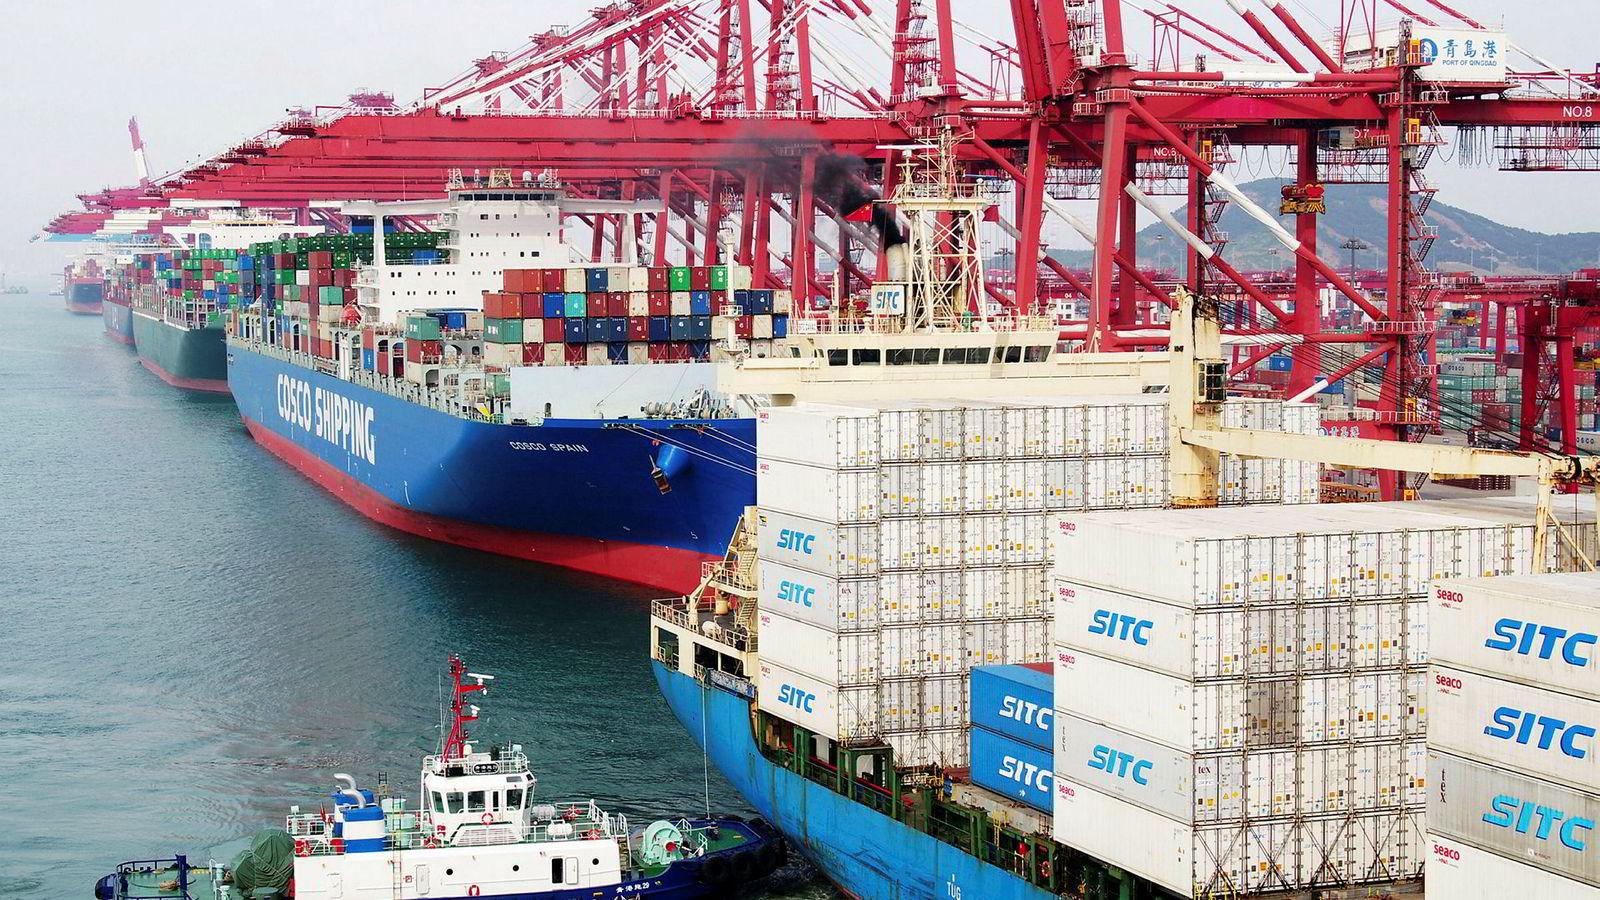 USA forbereder en opptrapping av handelskonflikten med Kina og vil ilegge nesten alt av kinesisk import en straffetoll på 25 prosent. – En katastrofe, mener blant annet Nike. Kina gjør klar mottiltak mot USA.